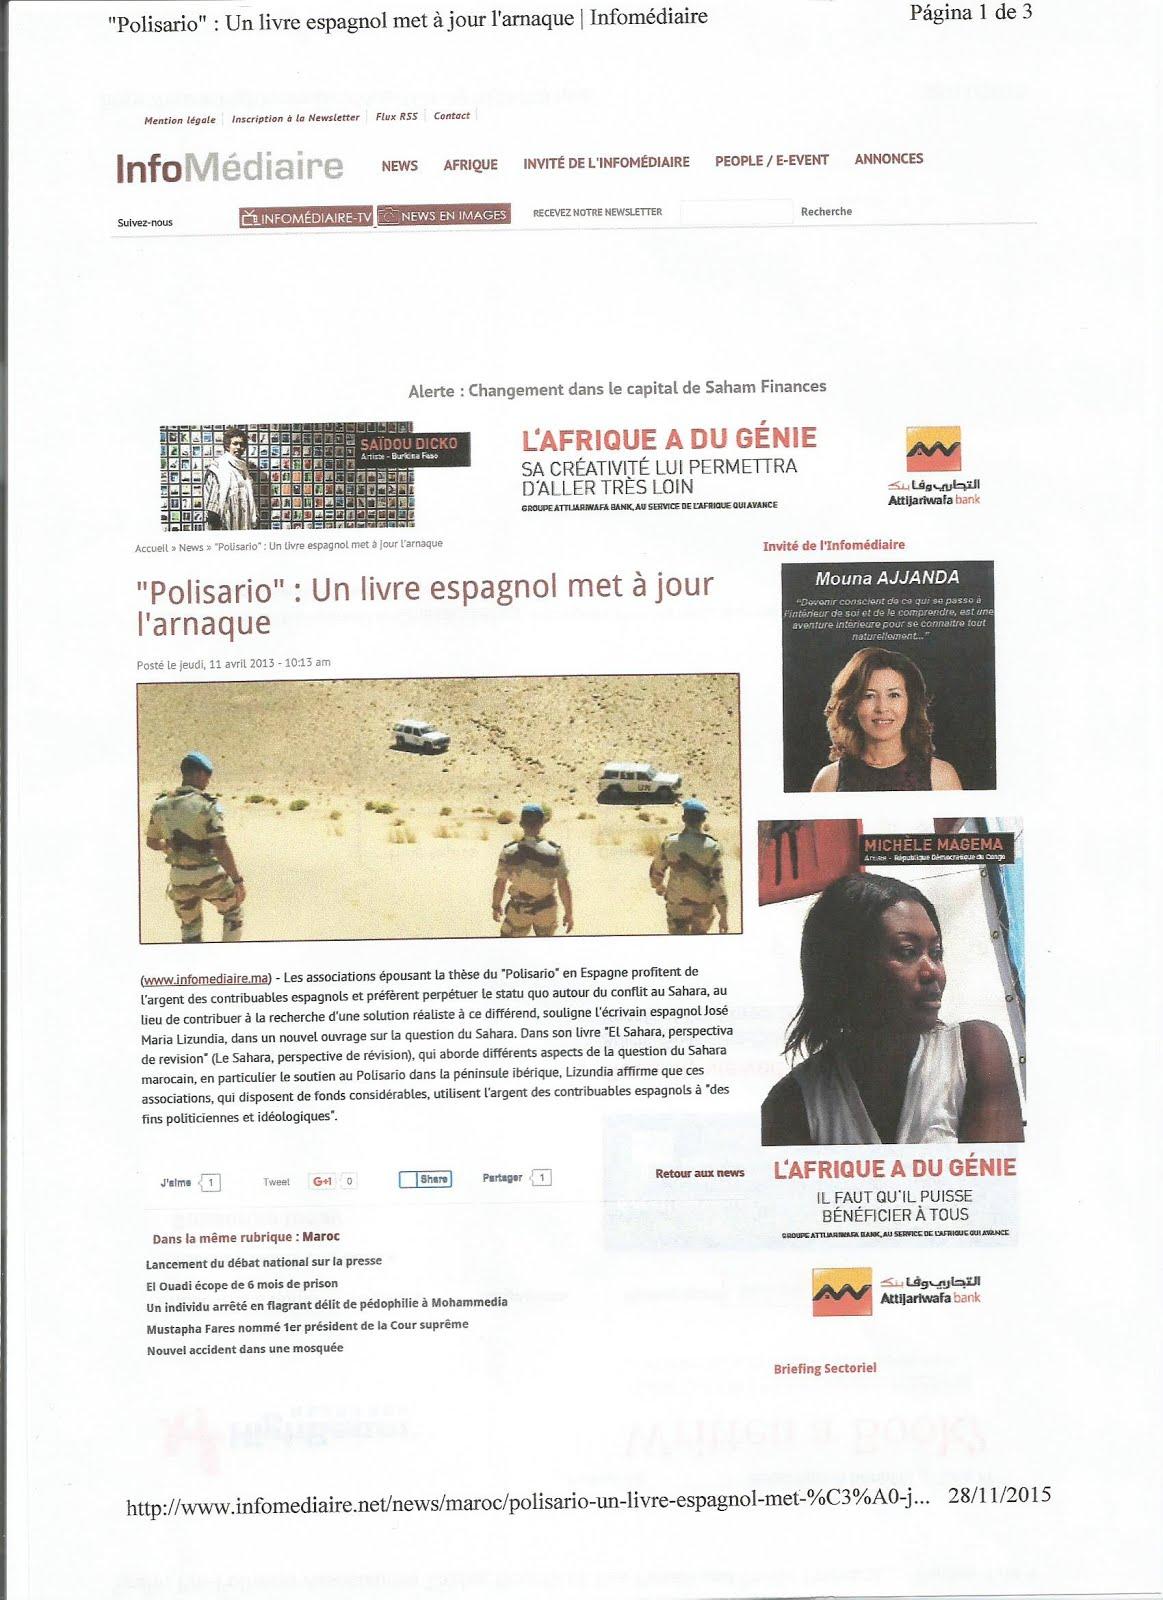 InfoMediaire News Afrique